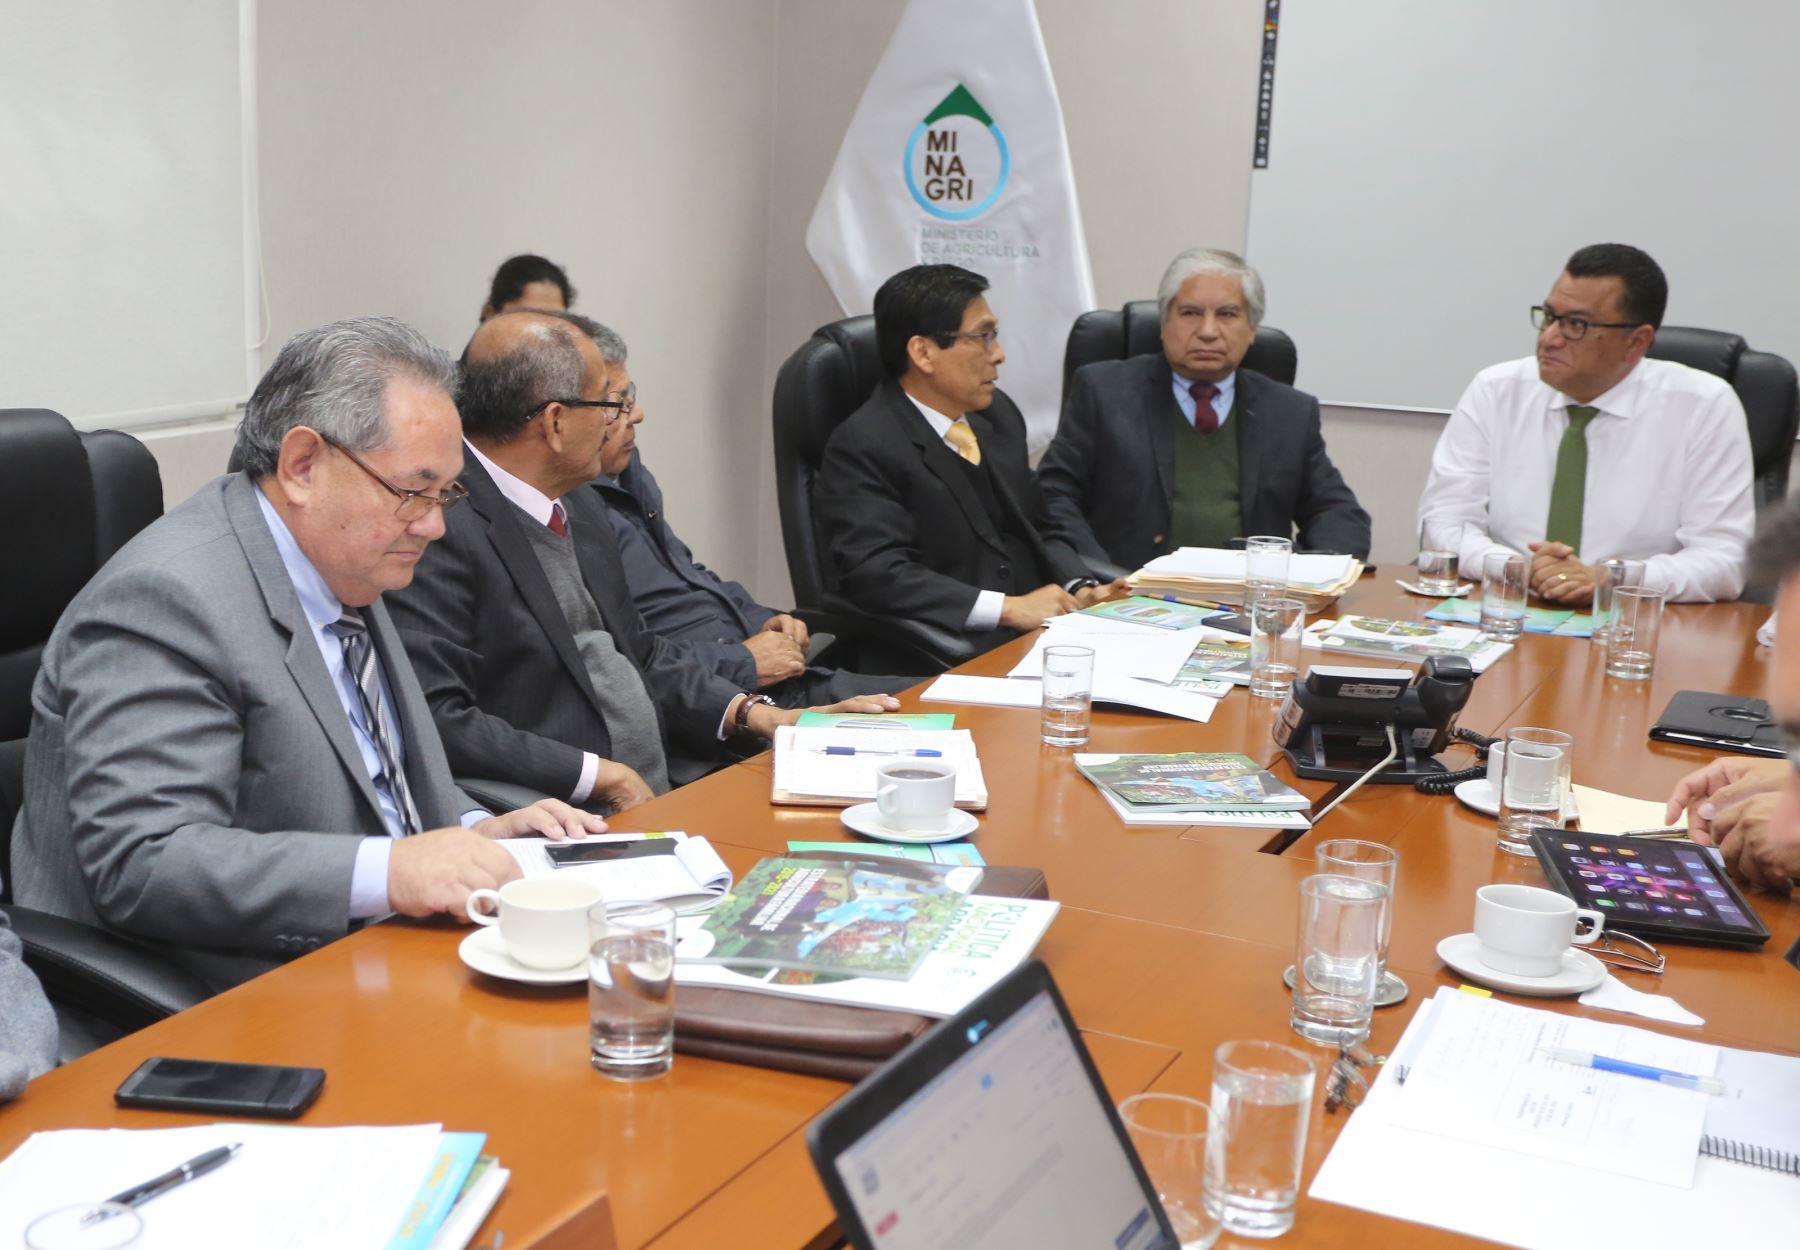 Ministro Juan Manuel Benites se reunió con Comisión de Transferencia y entregó Política Agraria.